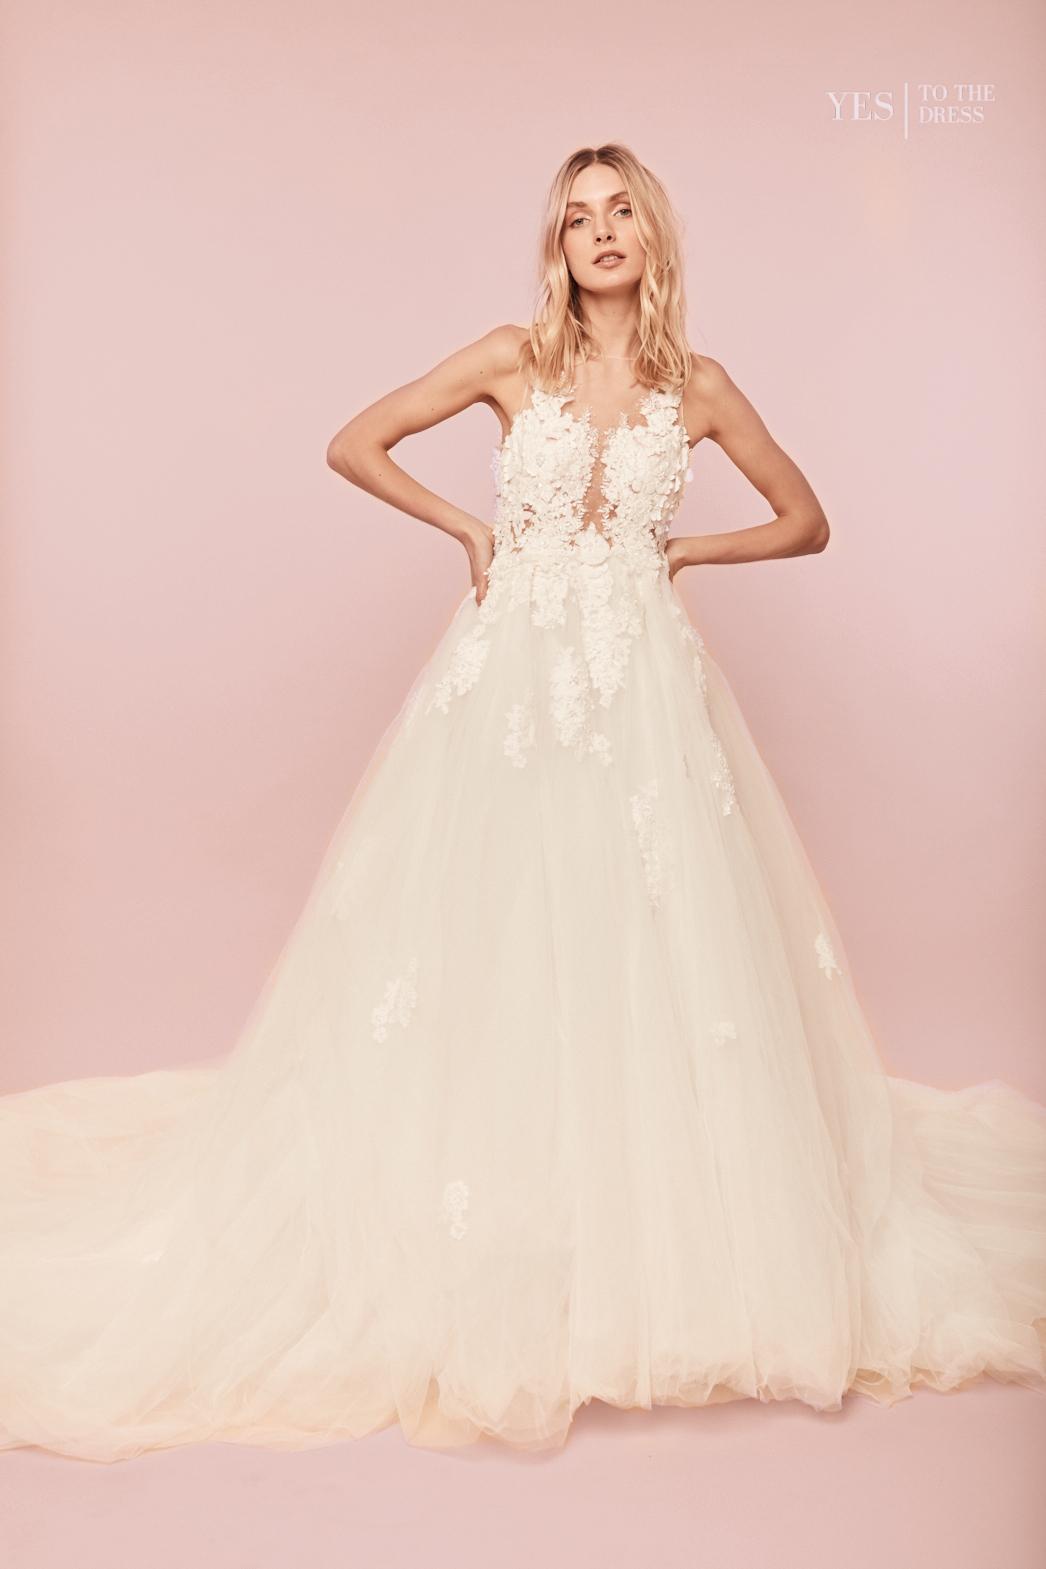 Carys_Kleid_Dress_Hochzeitskleid_A-Linie_Spitze_Tattoooptik_Front